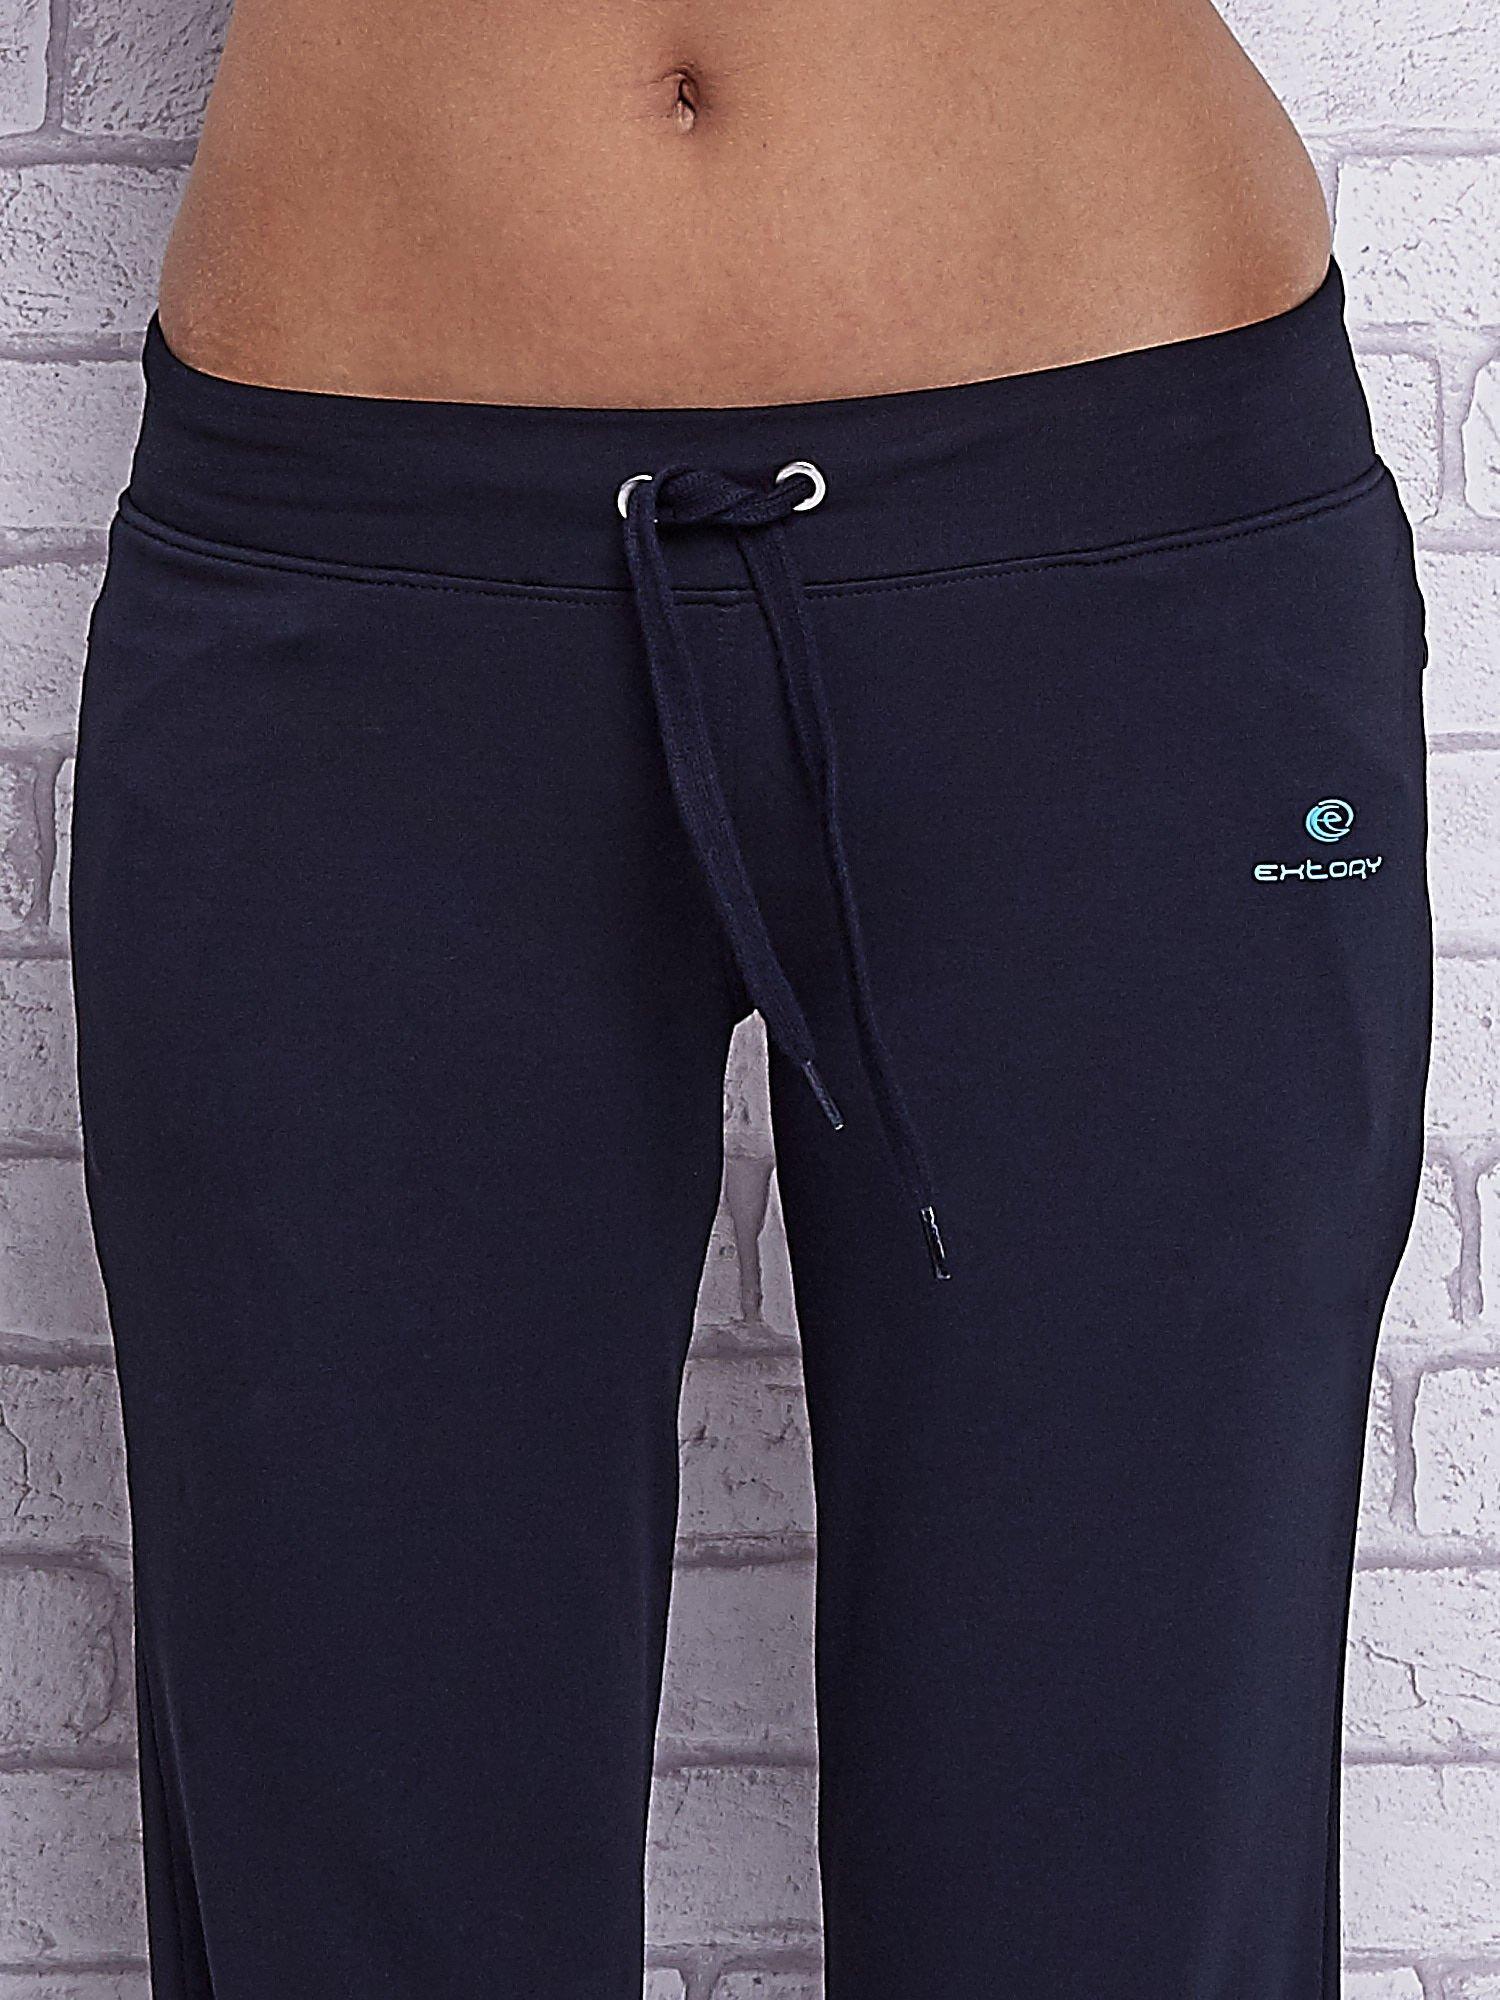 Grafitowe spodnie capri z motywem pasków na nogawkach                                  zdj.                                  4